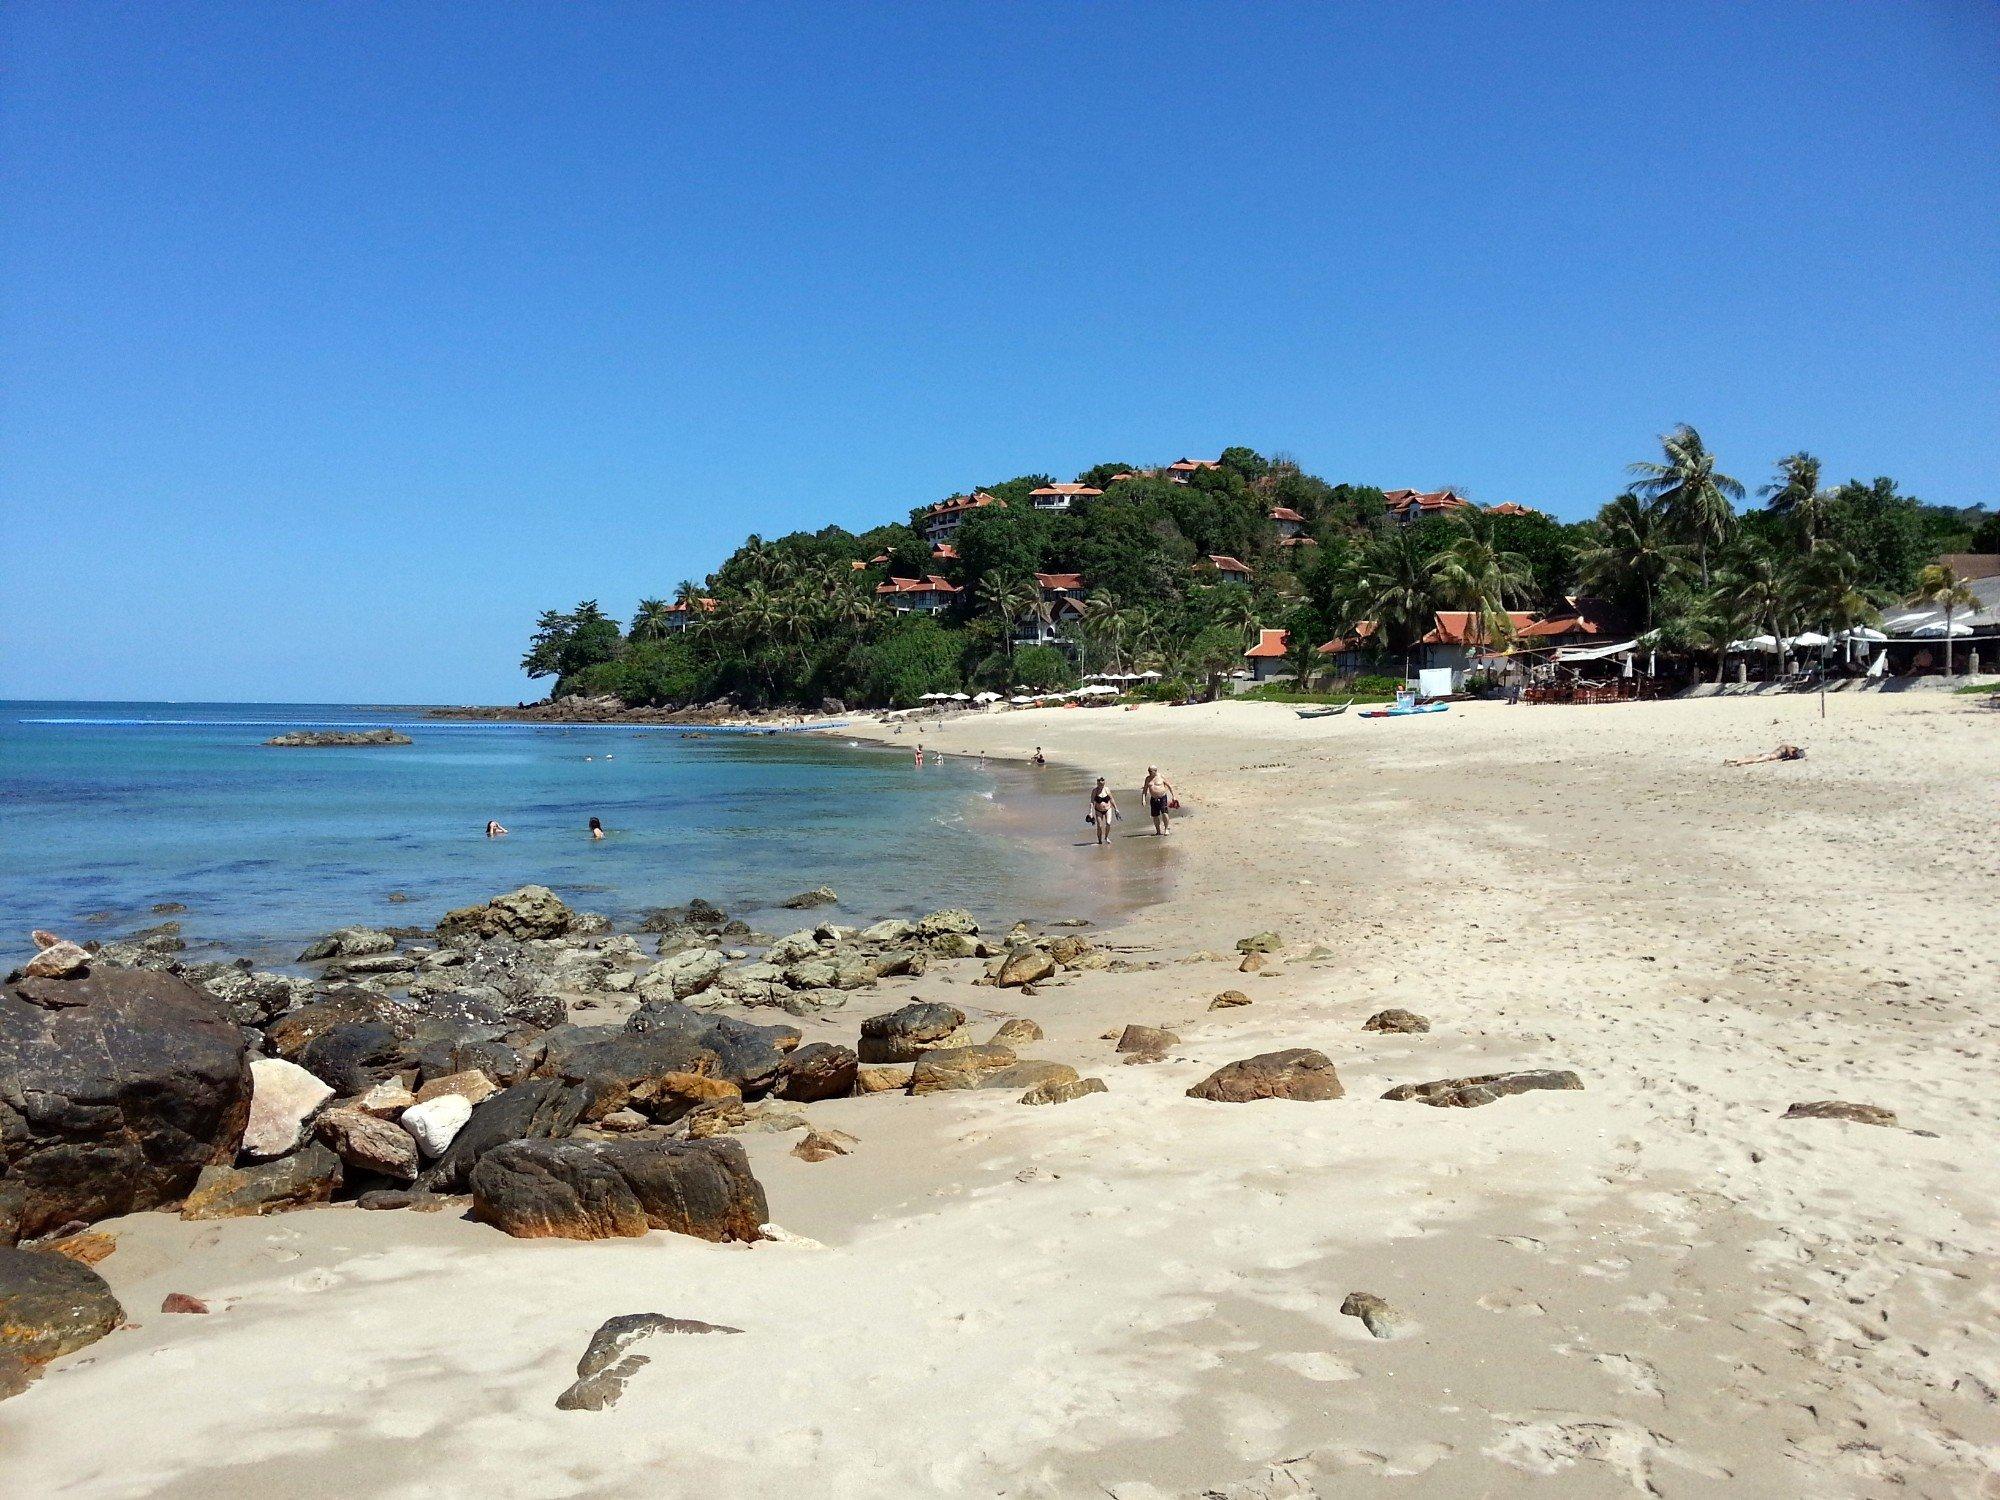 Northern end of Klong Khong Beach